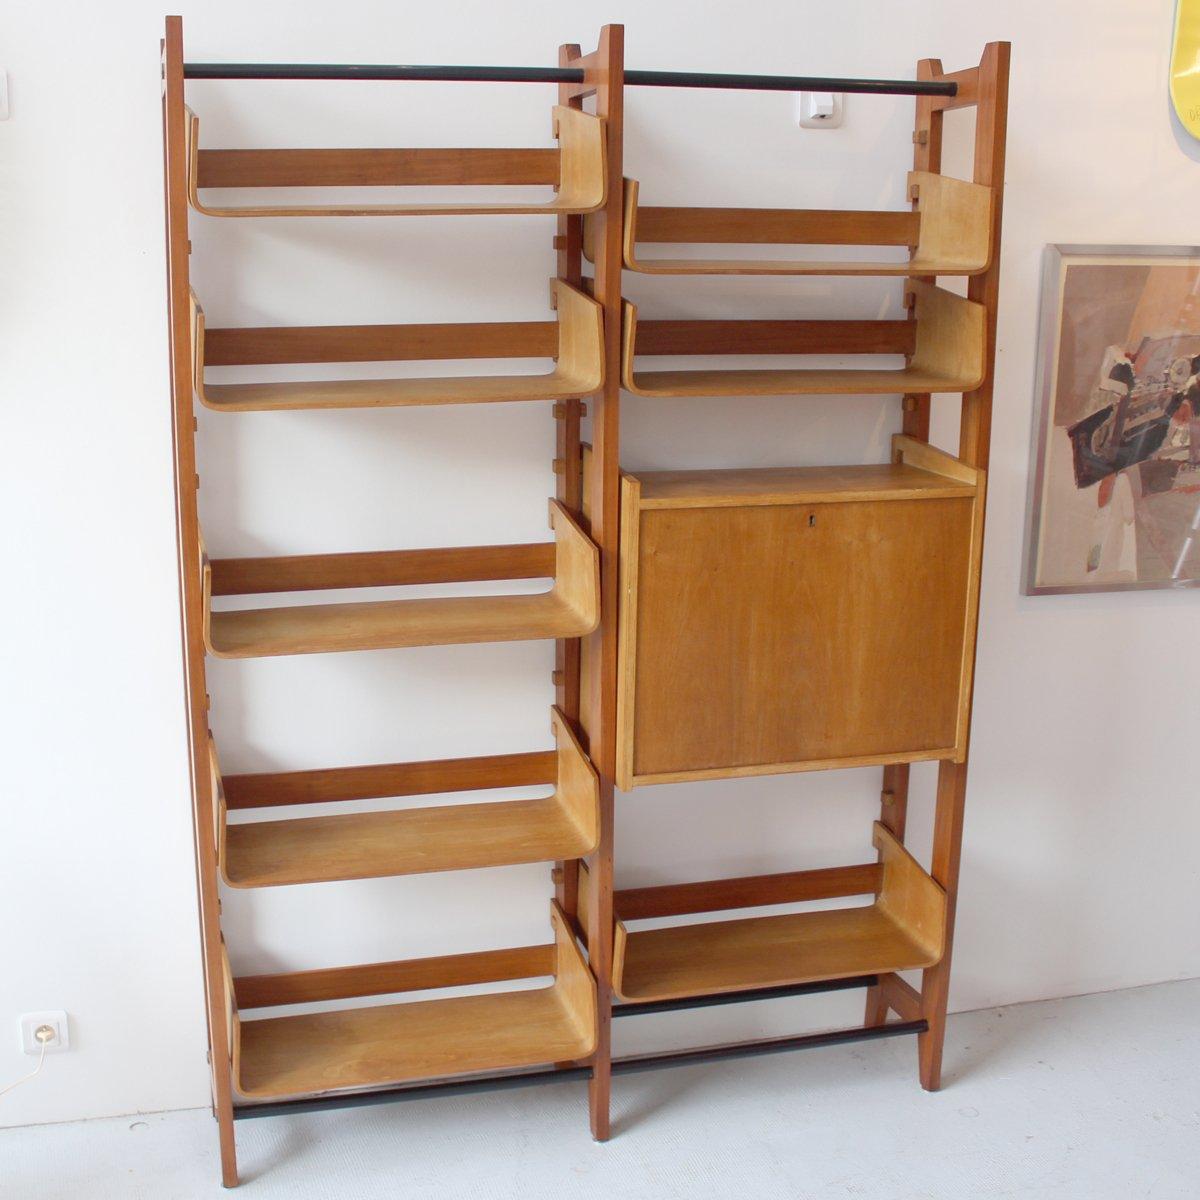 italienisches vintage regal mit geschwungenen ablagen aus. Black Bedroom Furniture Sets. Home Design Ideas